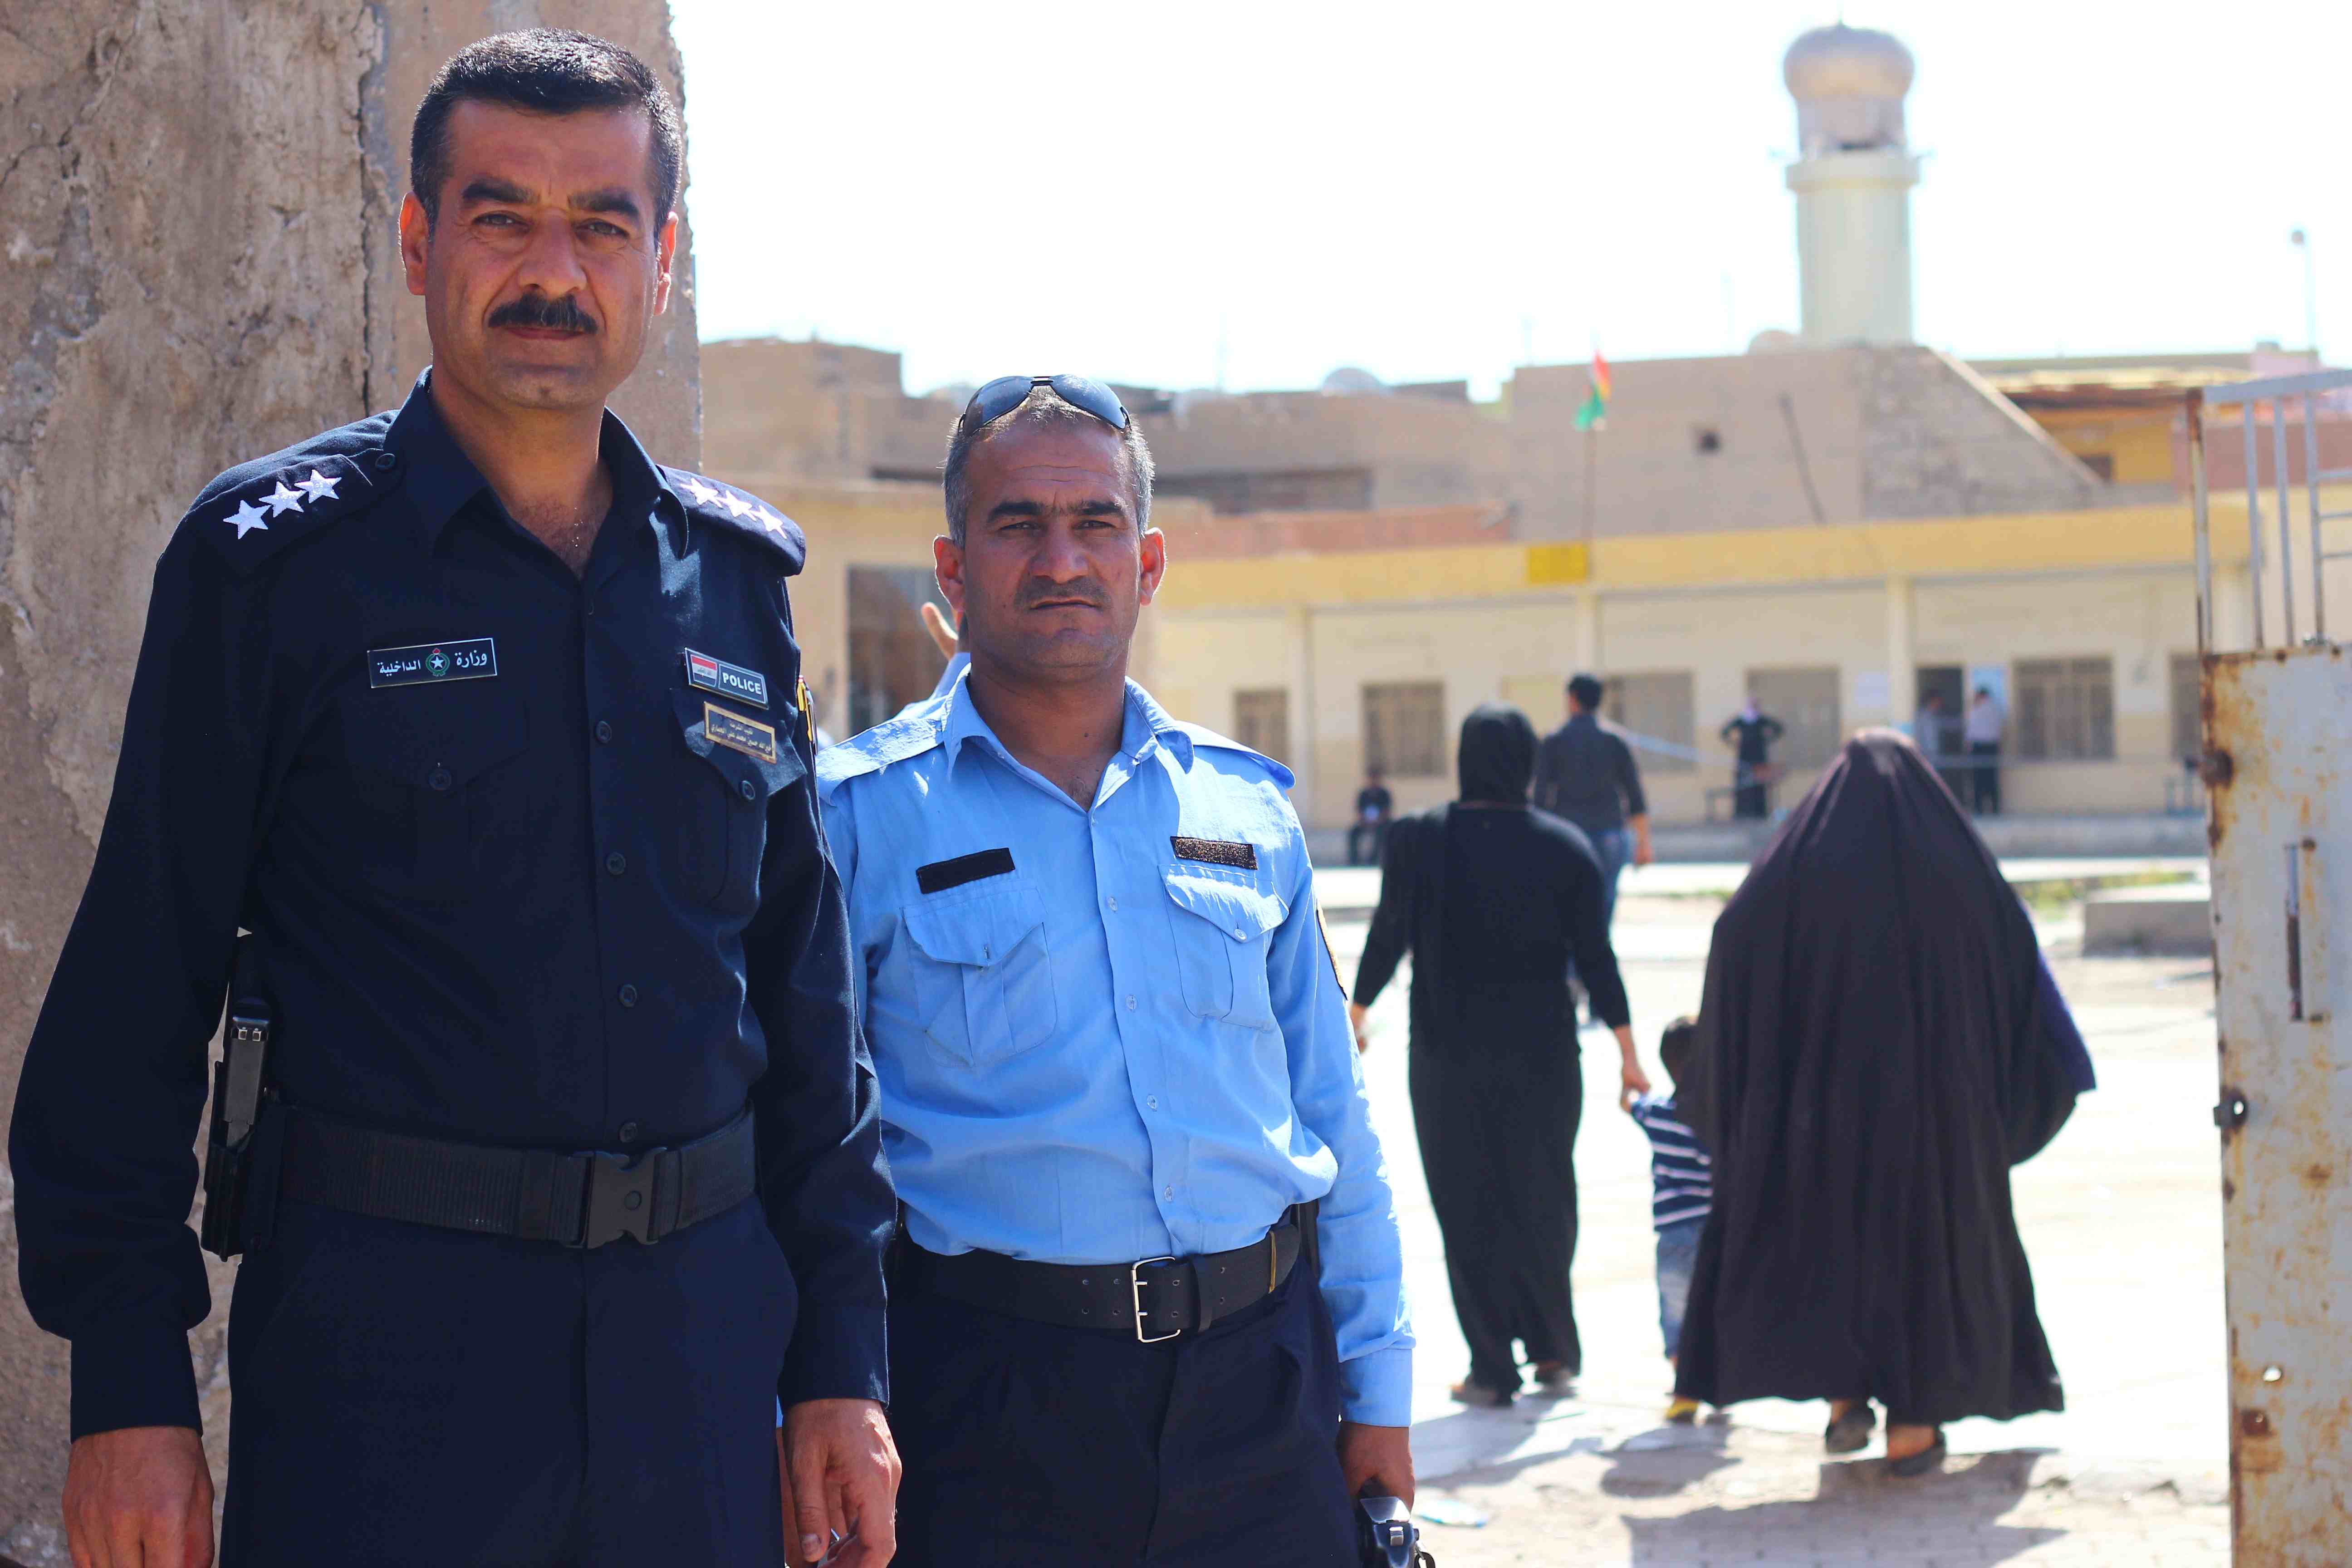 Las medidas de seguridad son extremas en las elecciones de Irak (Pablo L.Orosa-Miguel Fernández)